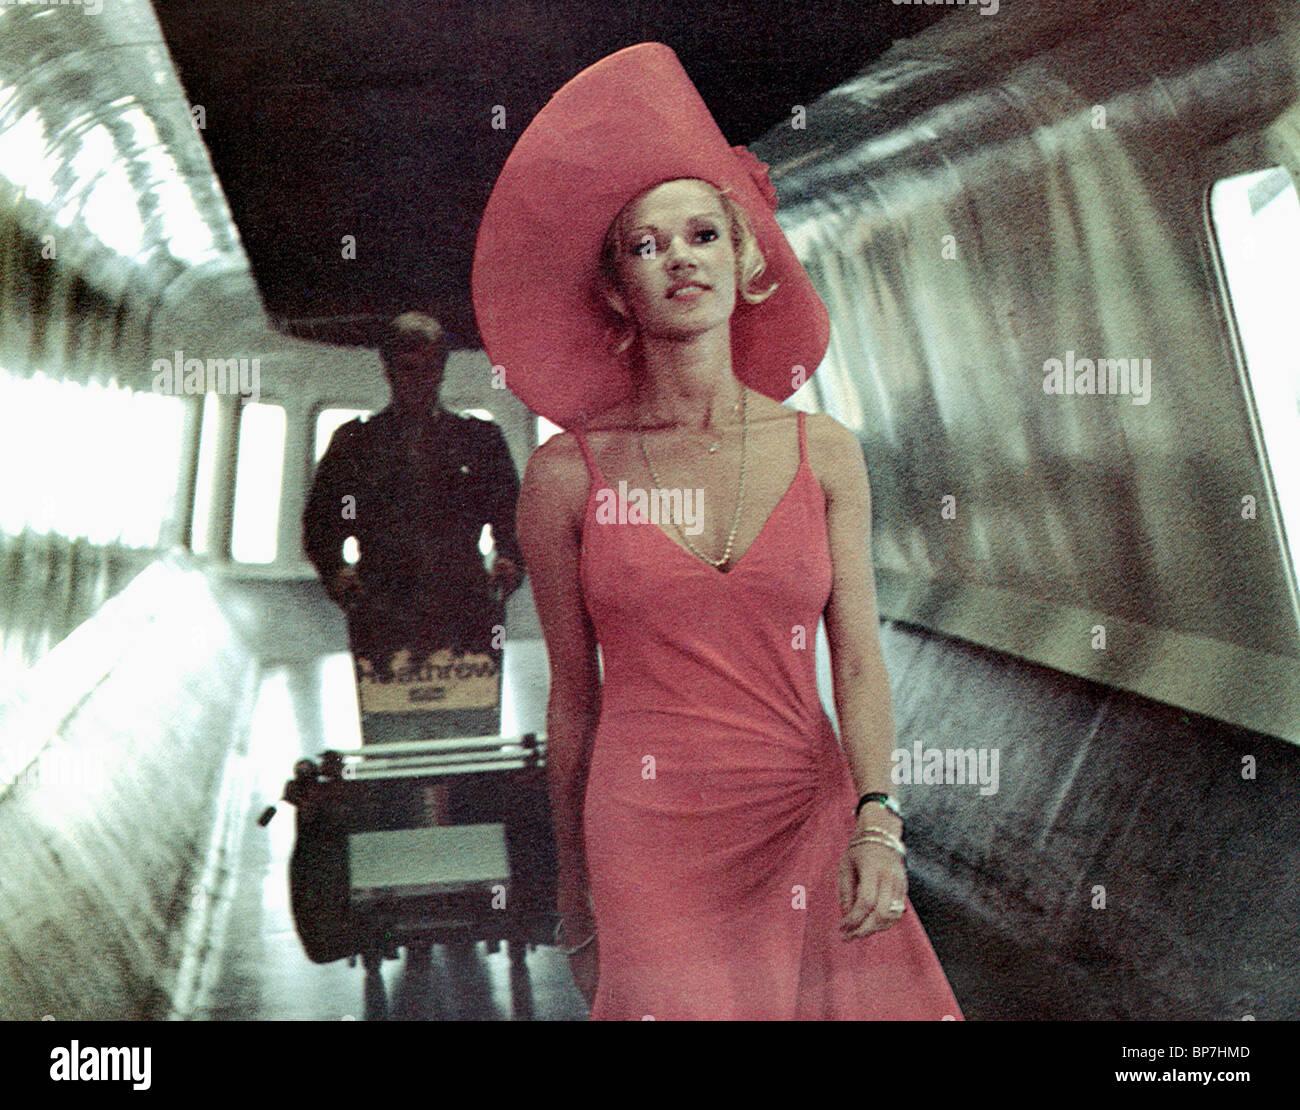 Brigitte Lahaie Nude Photos 10